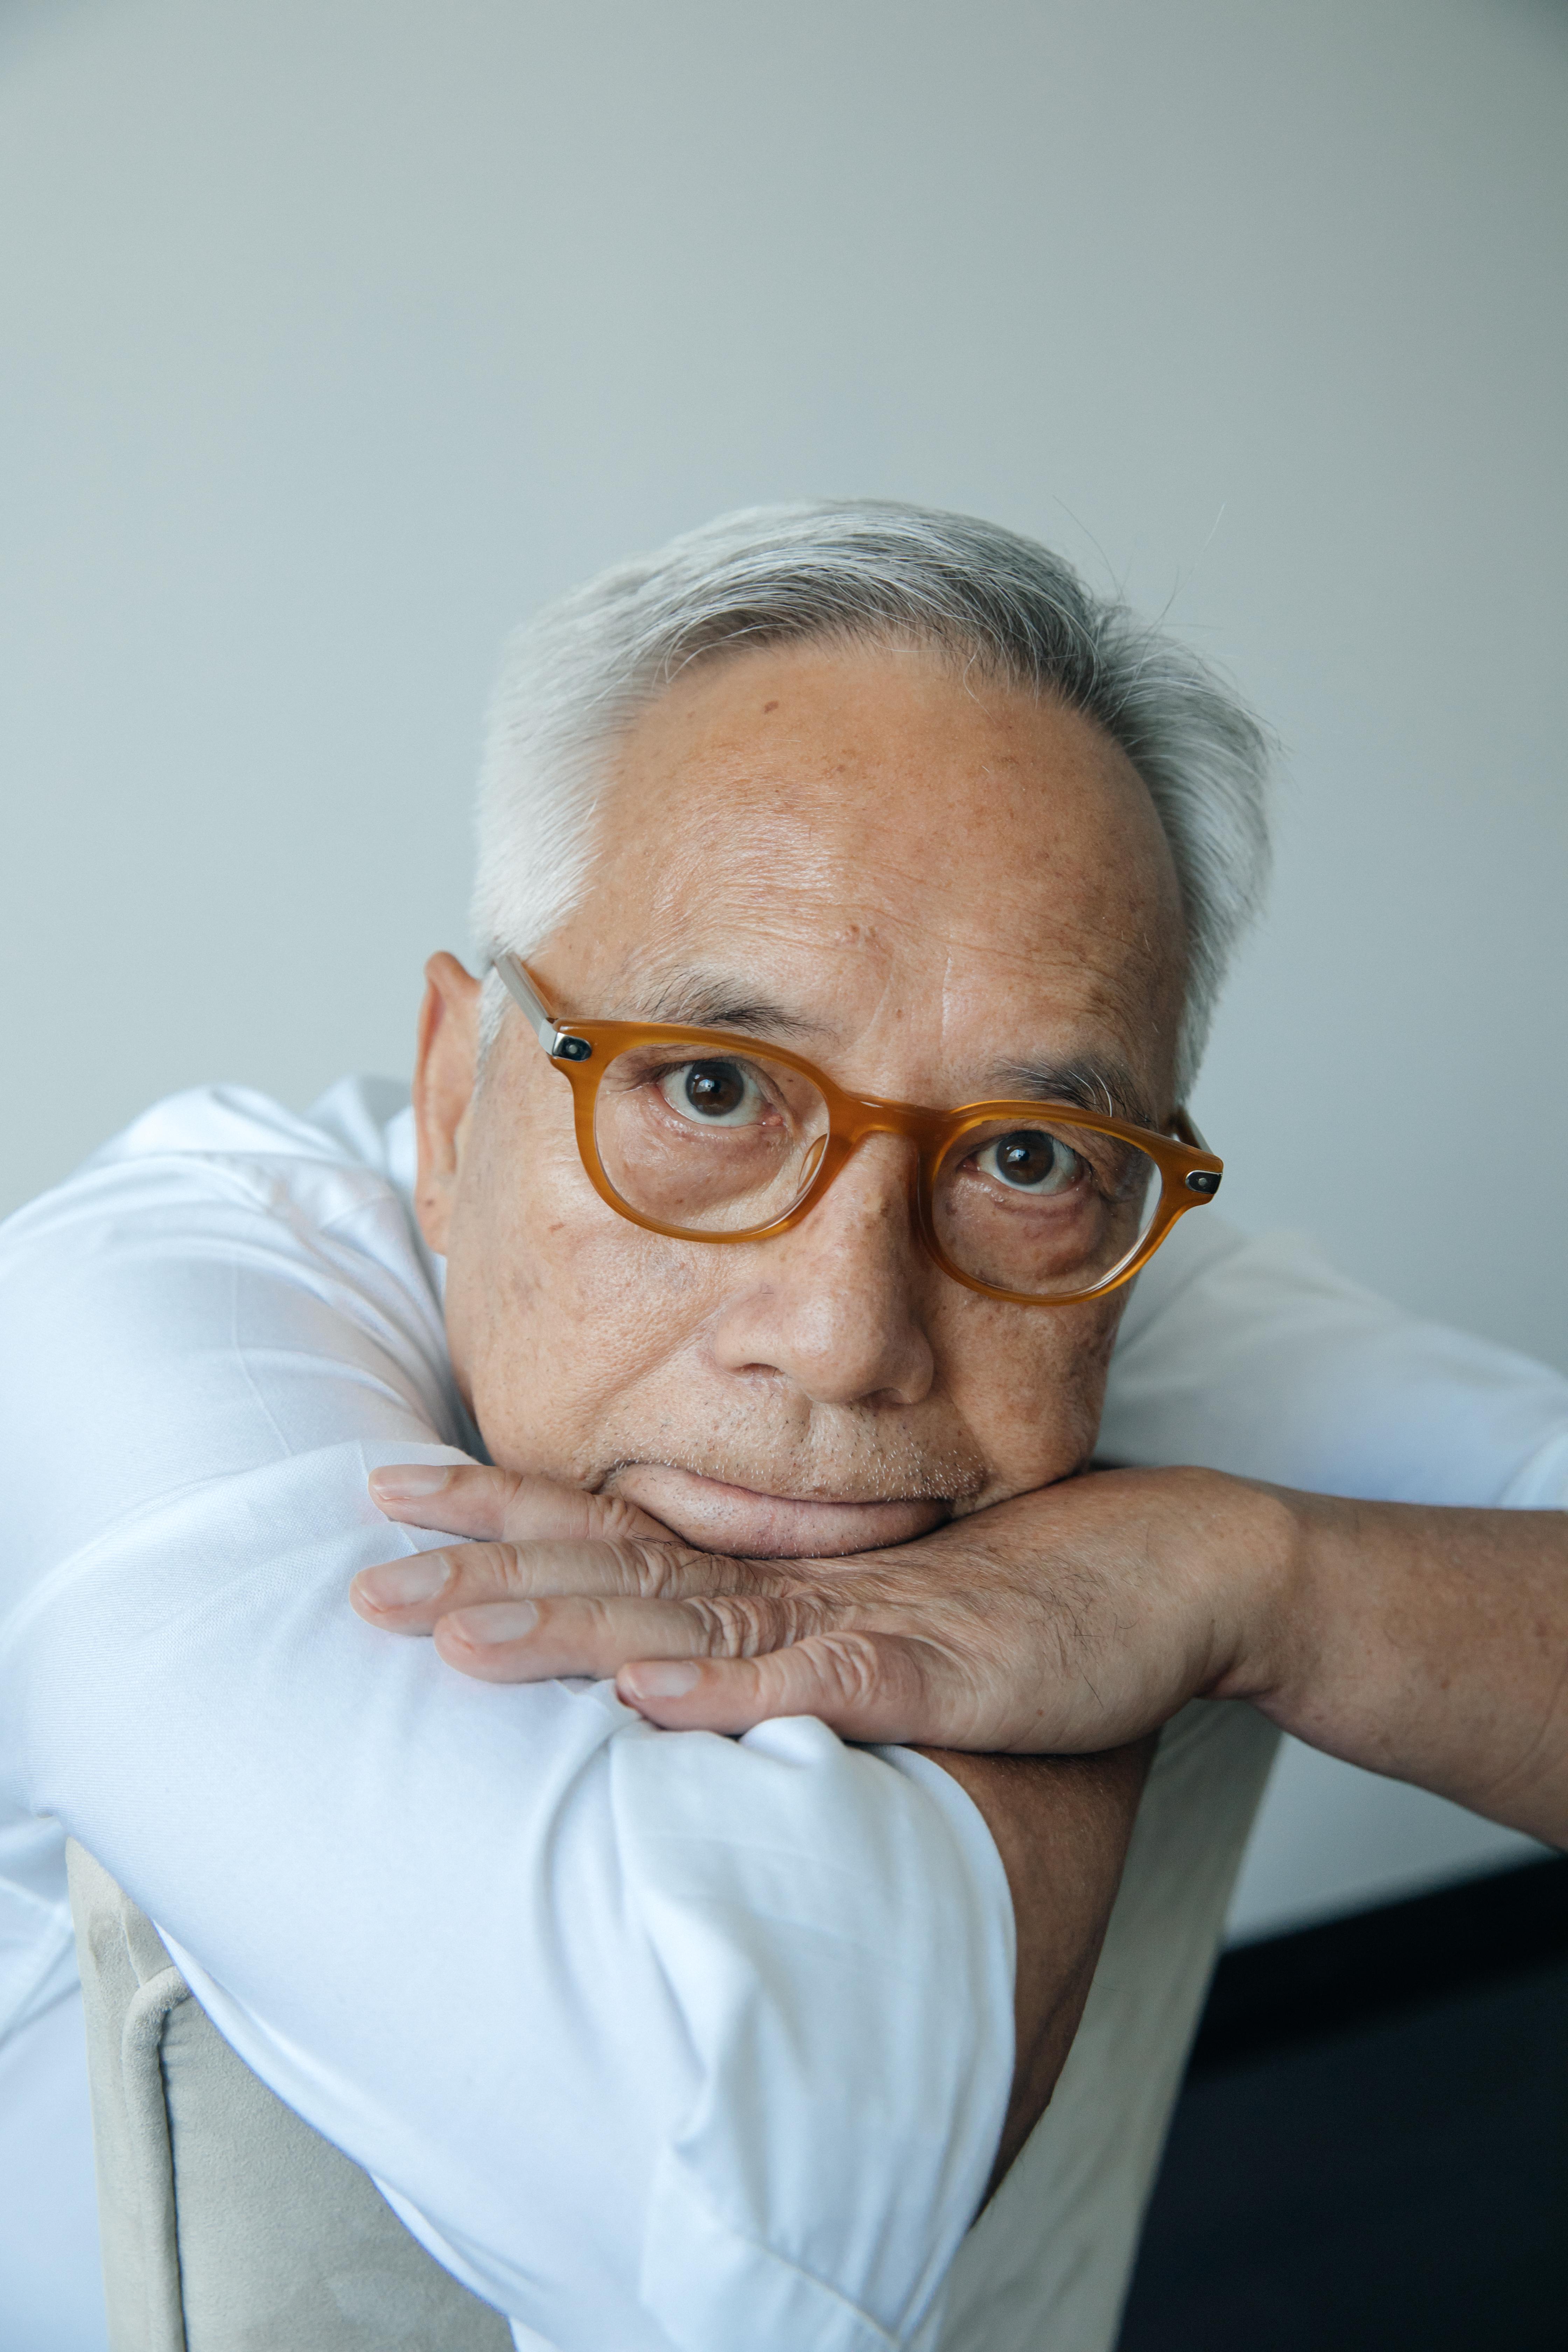 Liu Heung Shing in his studio in Shanghai.